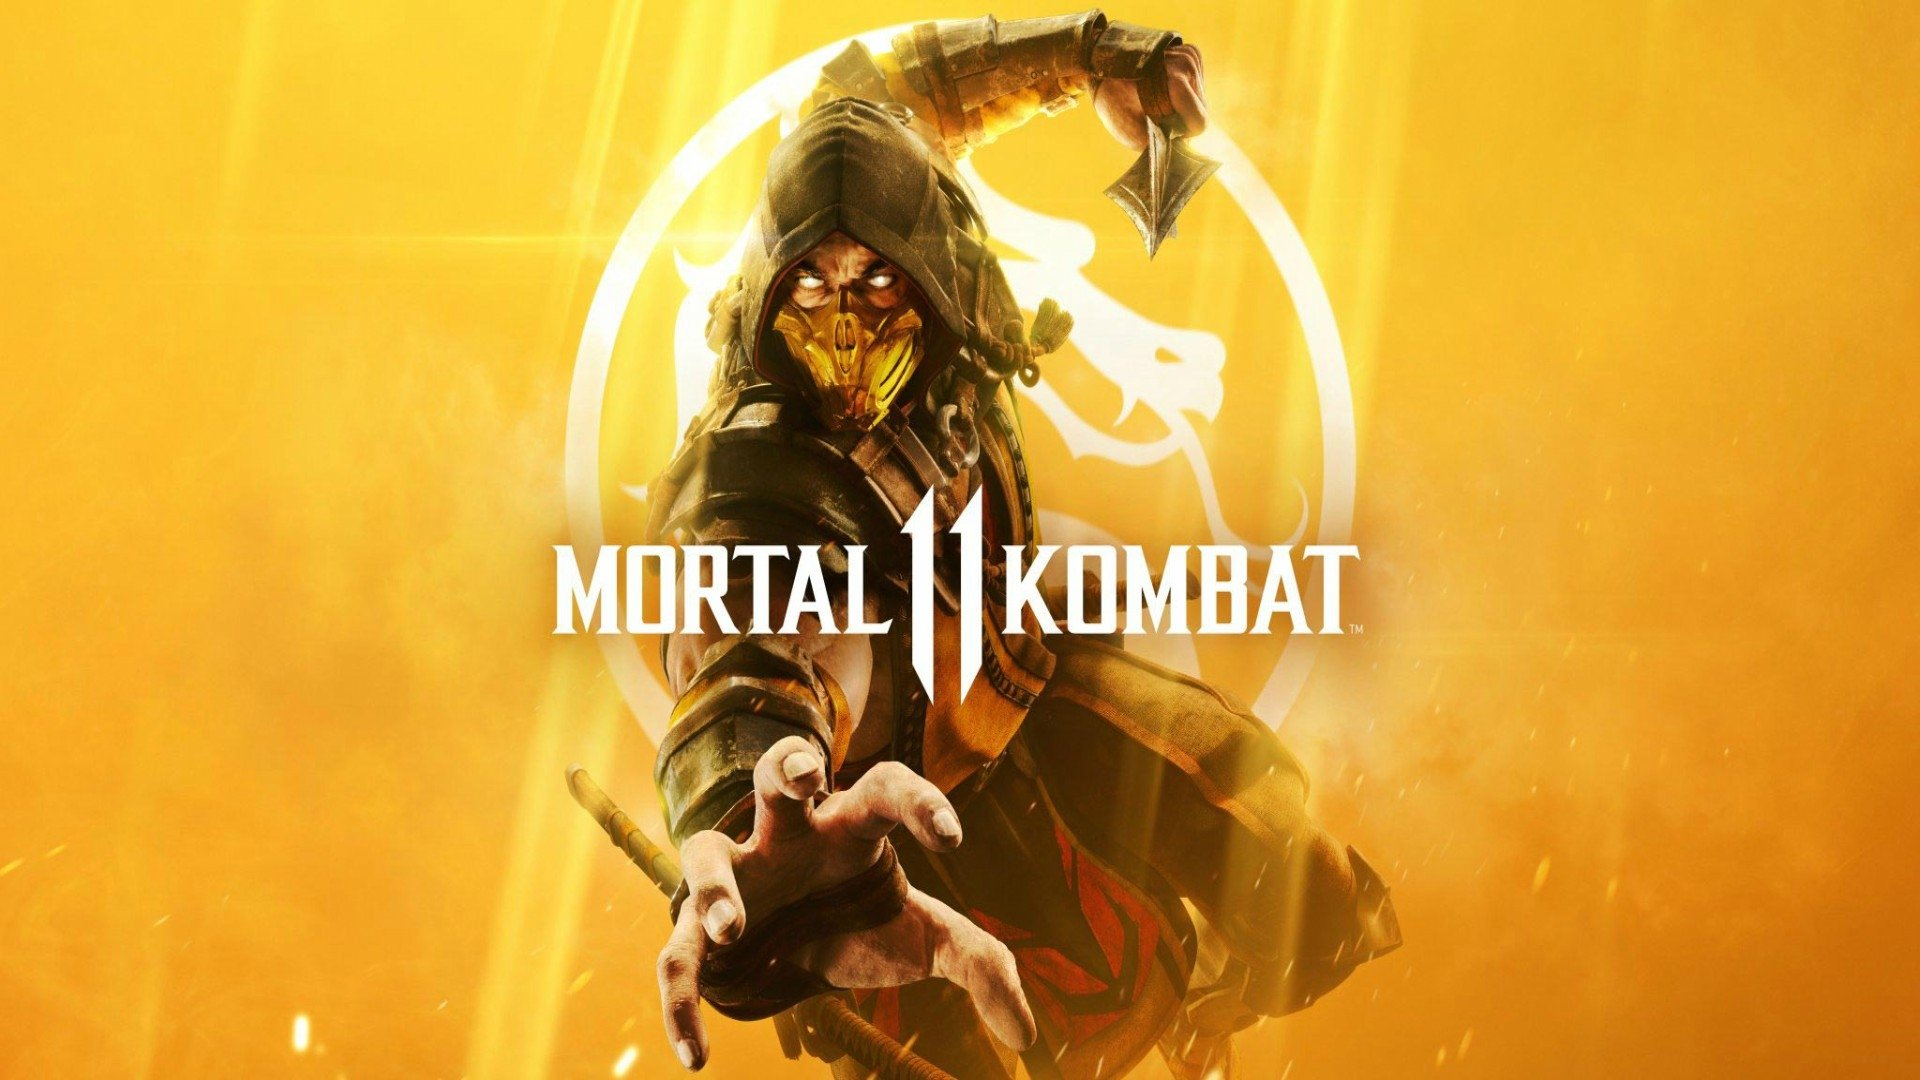 43 Mortal Kombat 11 Hd Wallpapers Hintergründe Wallpaper